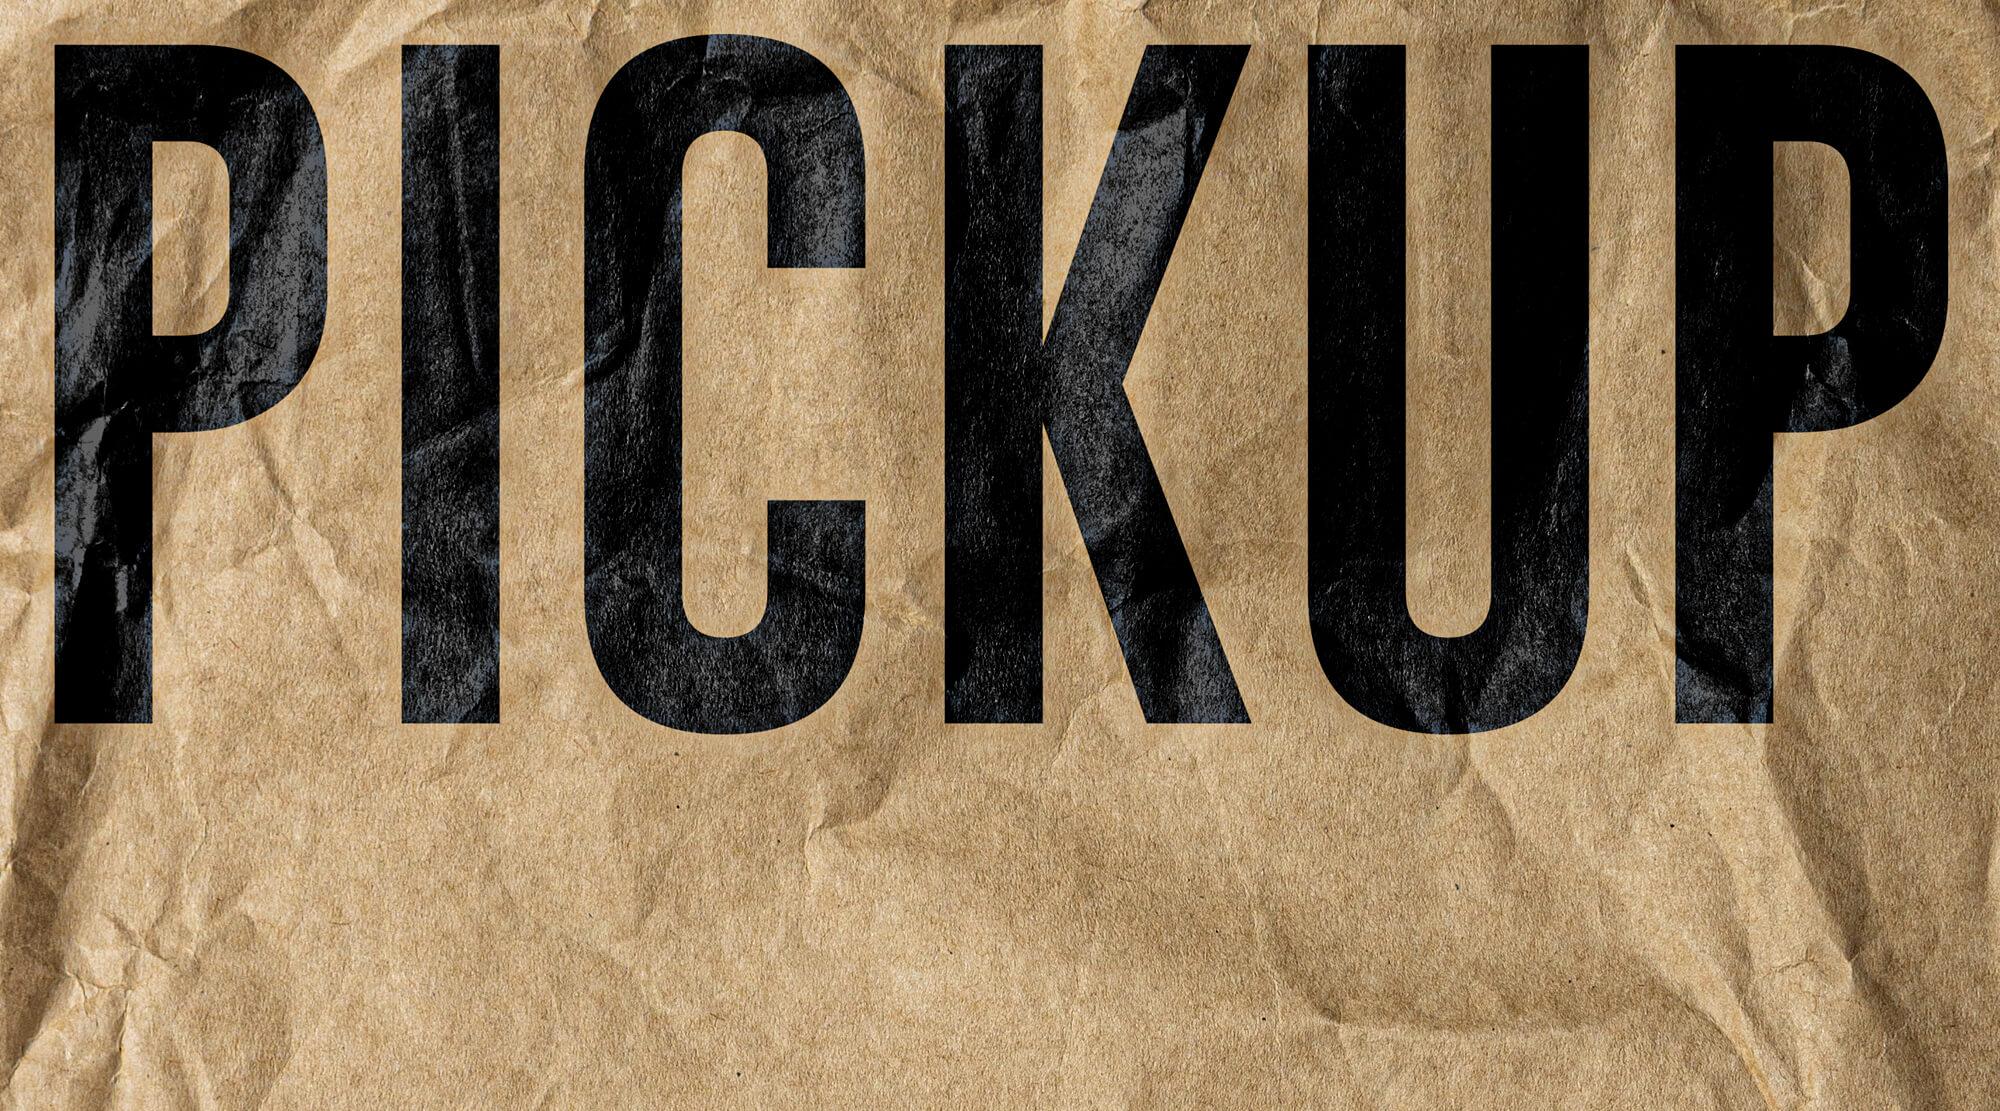 Qafila Studio Create Branding for Pickup Burger Restaurant